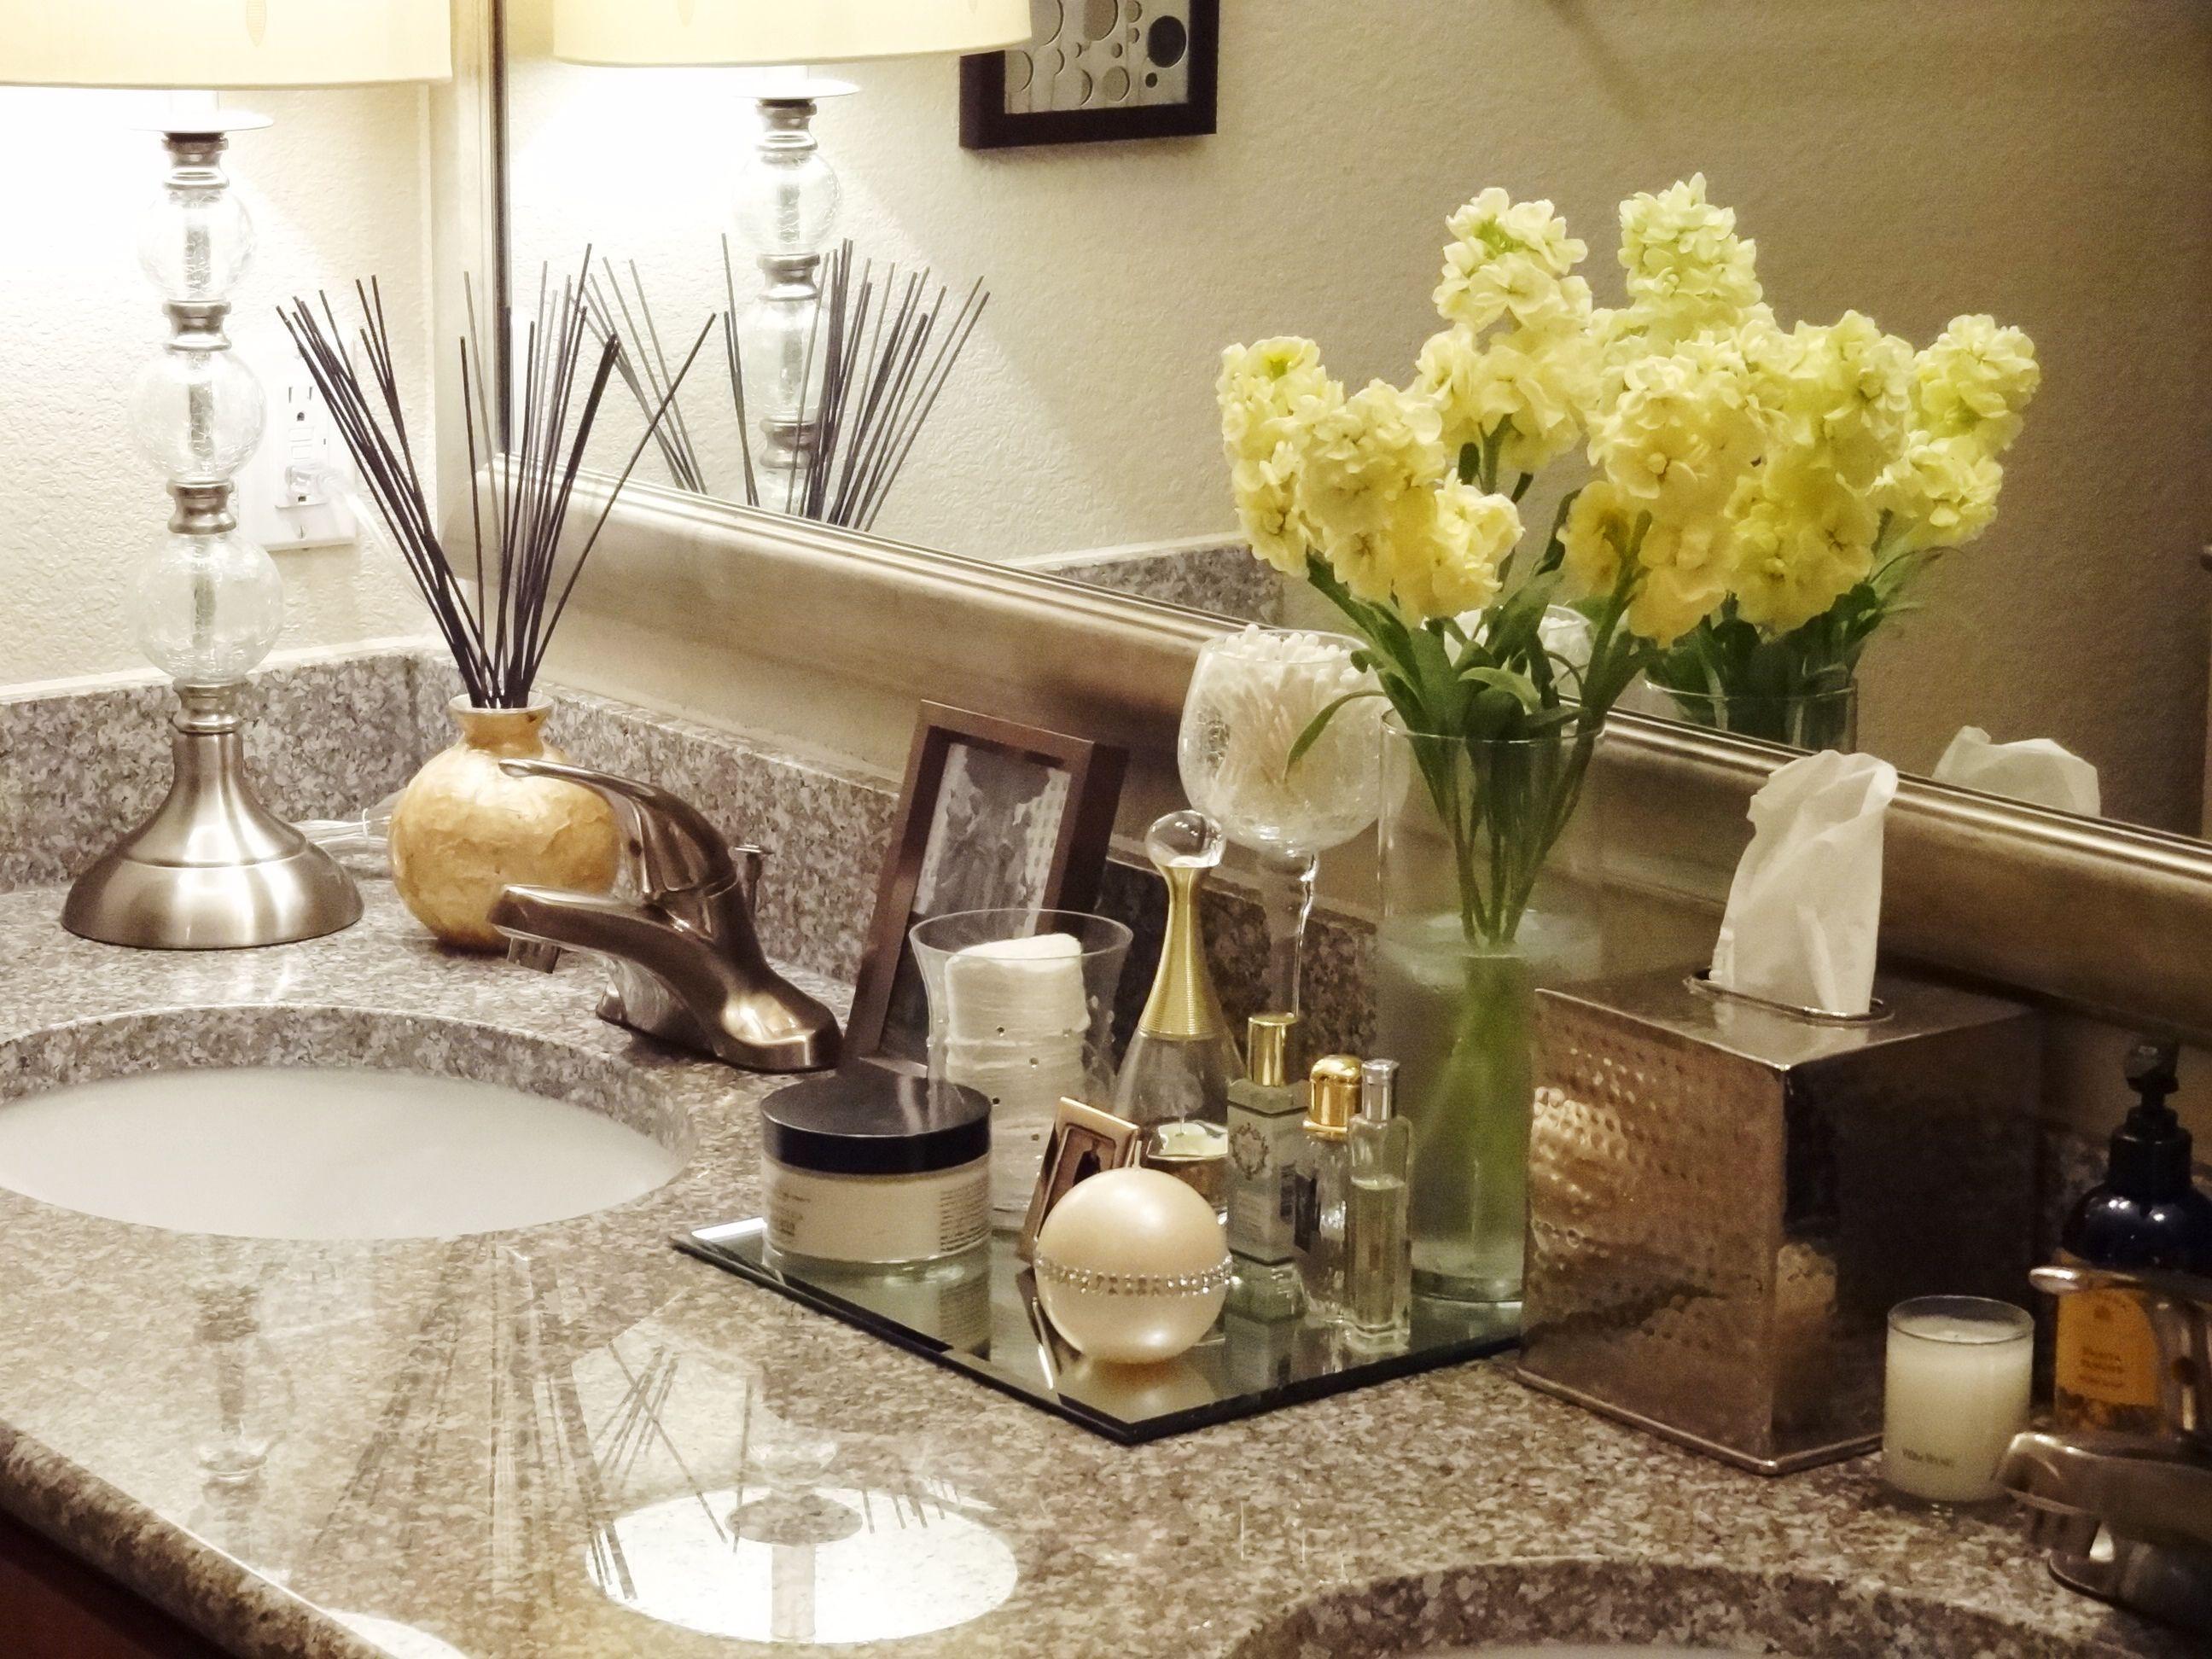 Girlie Bathroom Counter Decor In 2019 Bathroom Counter